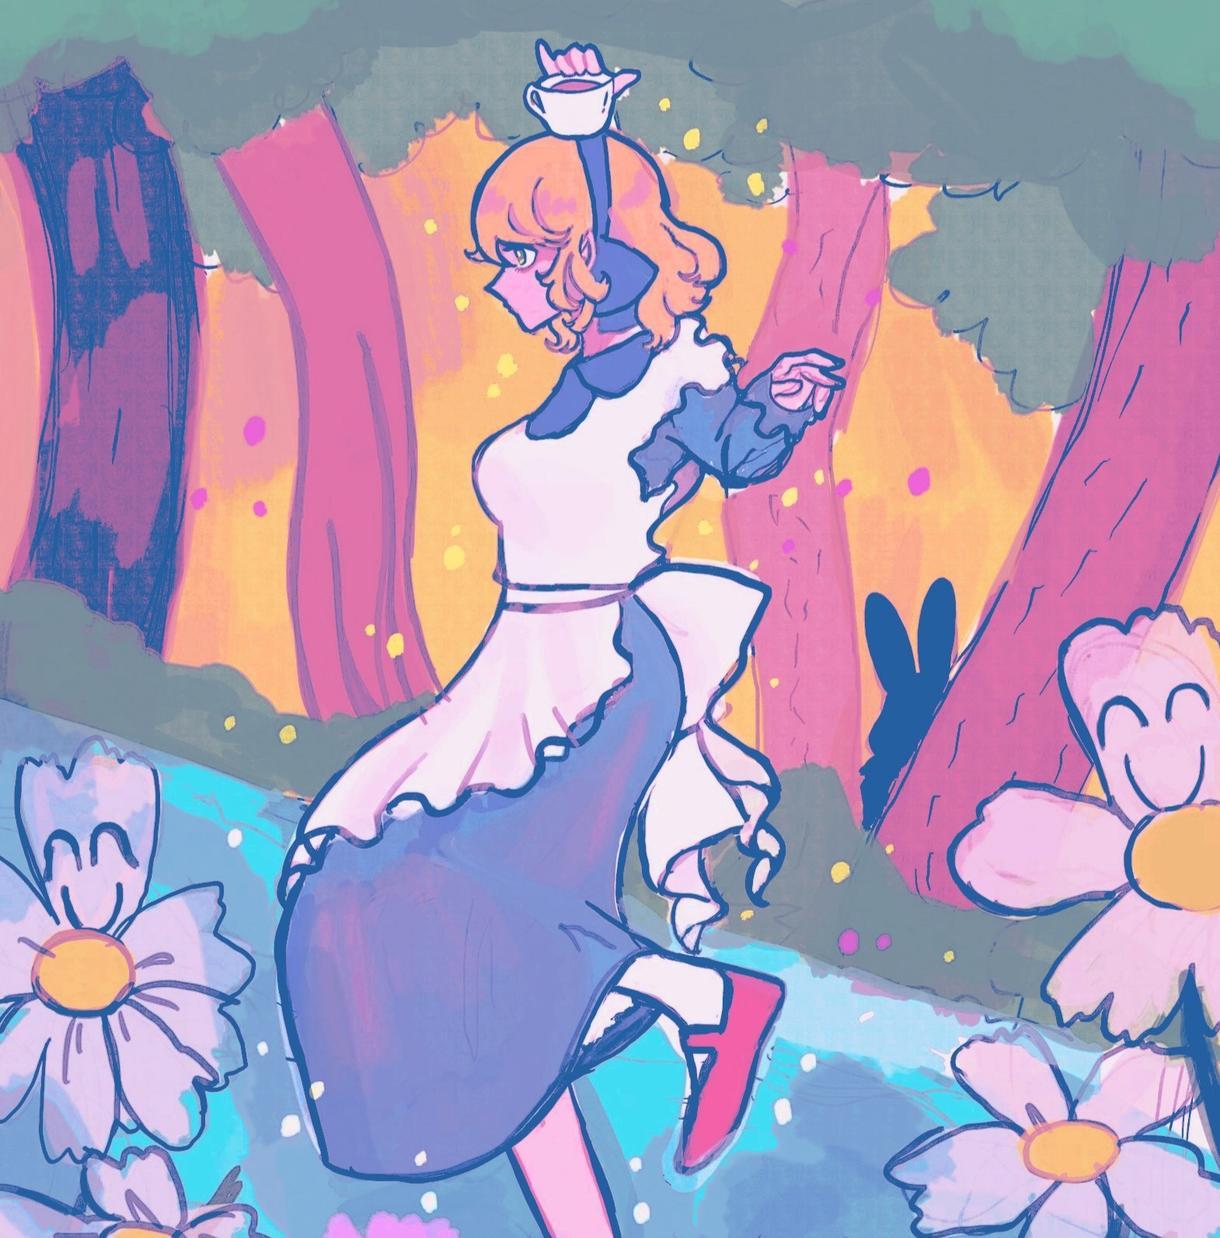 色彩にこだわったキャラクターイラスト描きます 色彩と雰囲気にこだわった絵をお届けします✲ イメージ1